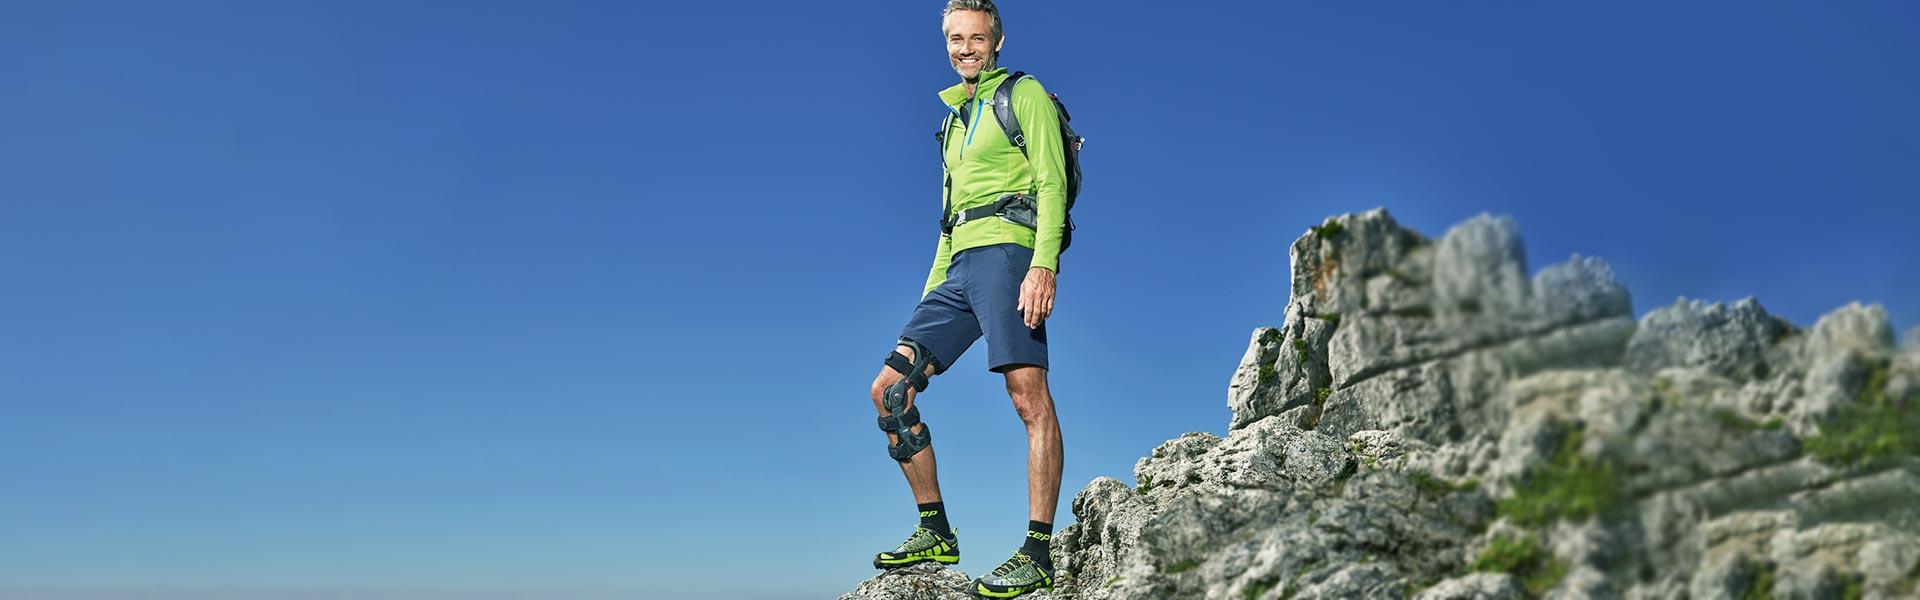 Orthopädie-Schuhtechnik Schwörer in Neustadt- eine Orthese hilft beim Berg erklimmen